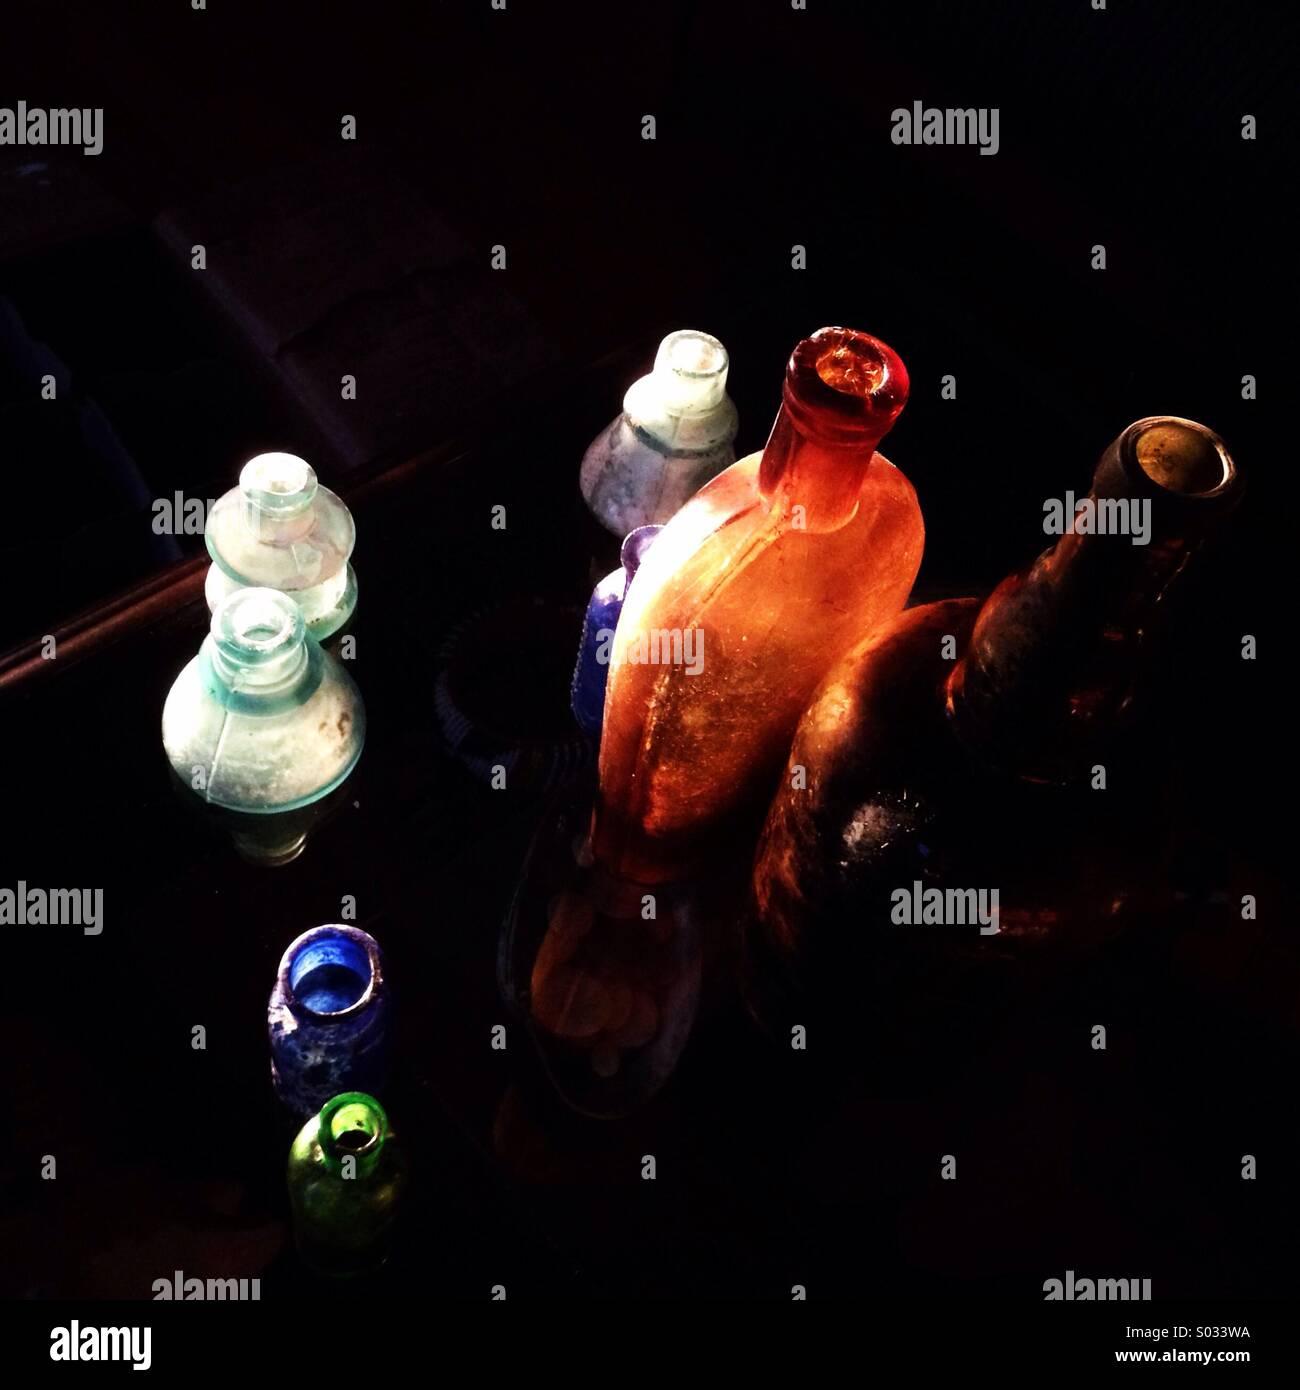 Bottiglie di antiquariato. Immagini Stock